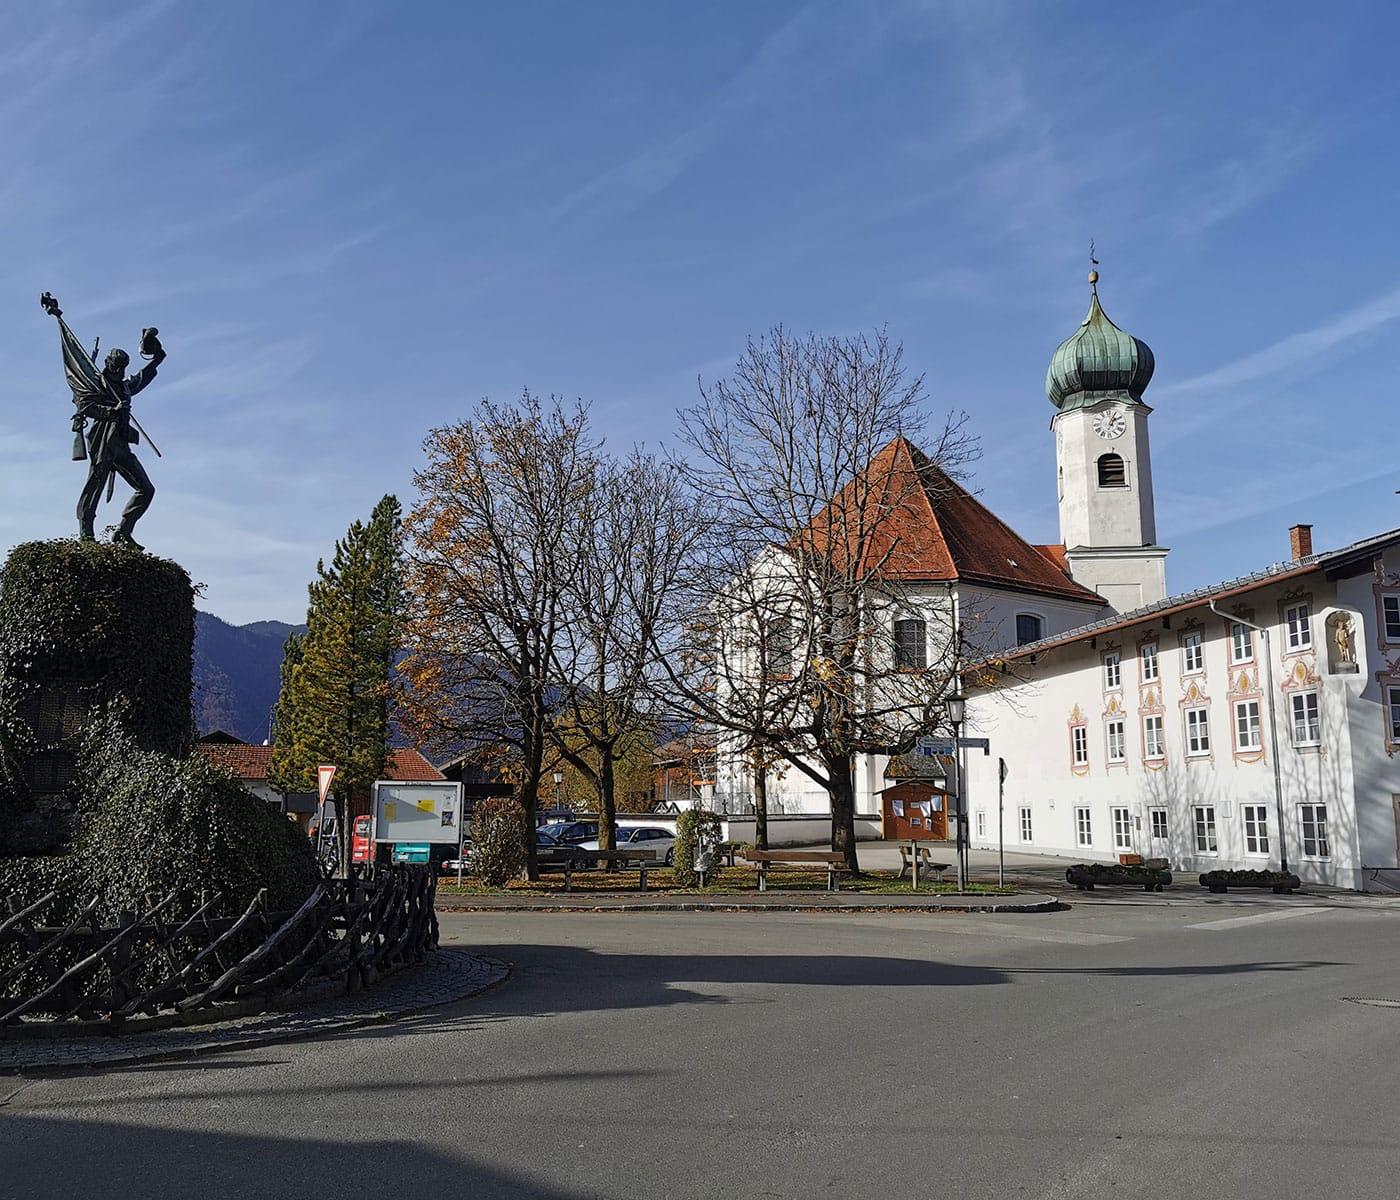 Kinderwagentaugliche Spaziergänge im Zugspitz-Land // HIMBEER